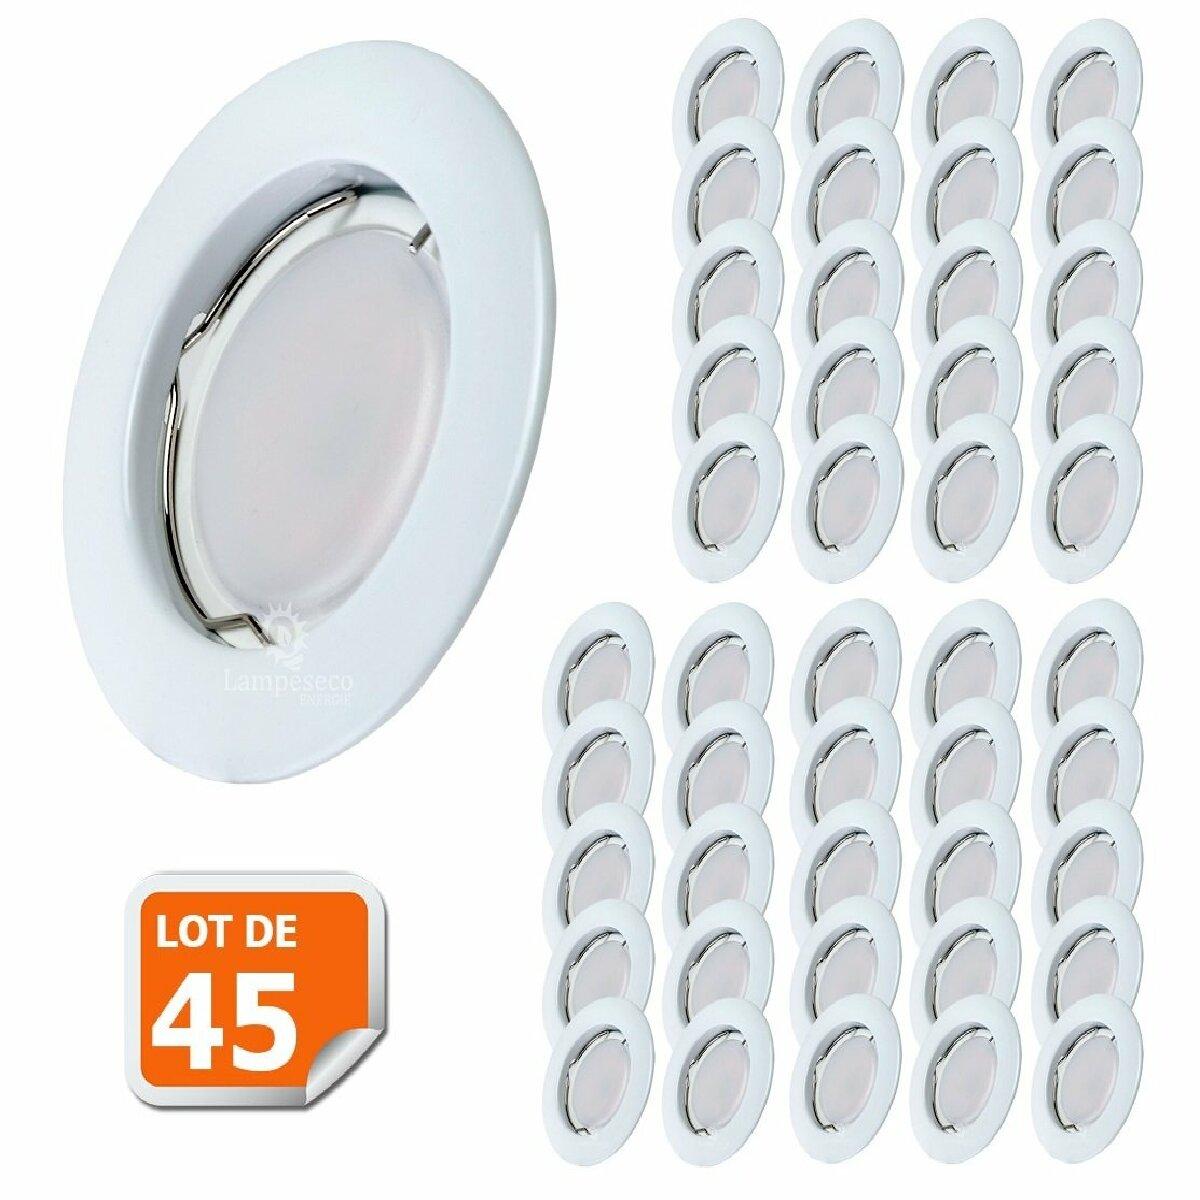 Lampesecoenergie Lot de 45 Spot Led Encastrable Complete Blanc Lumière Blanc Chaud 5W eq.50W ref.267